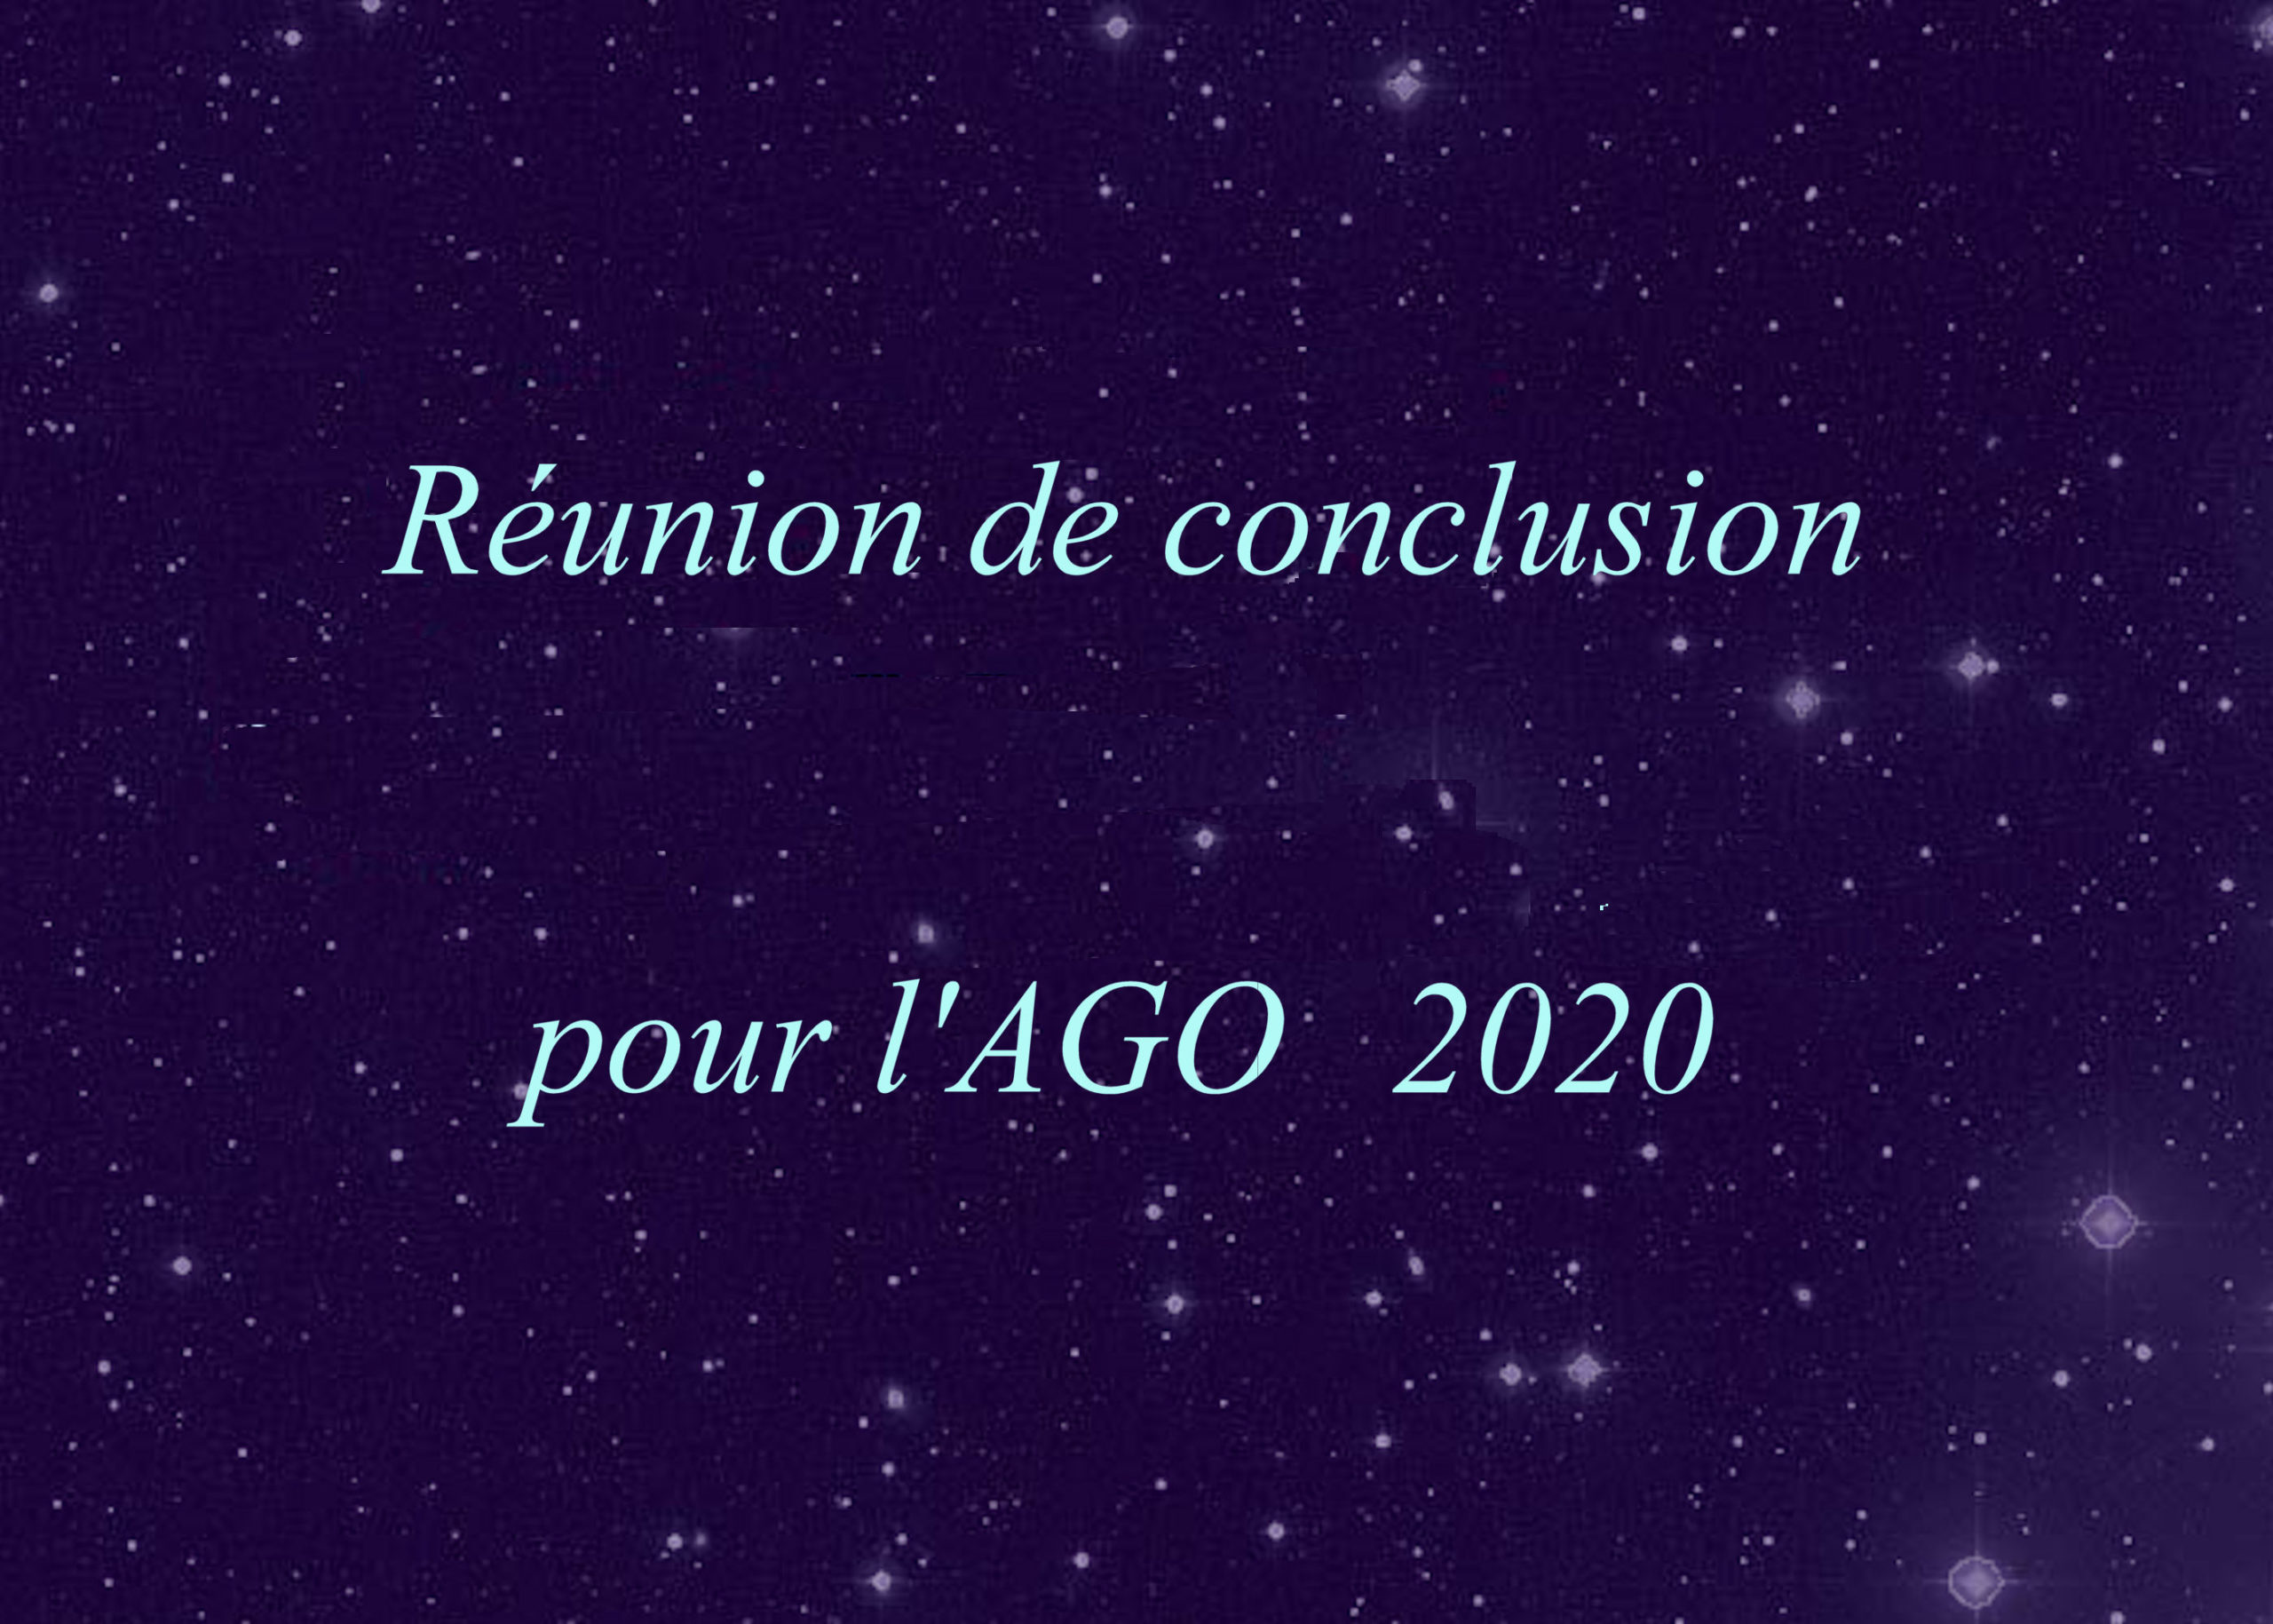 (Réunion de conclusion de l'AGO 2020)*